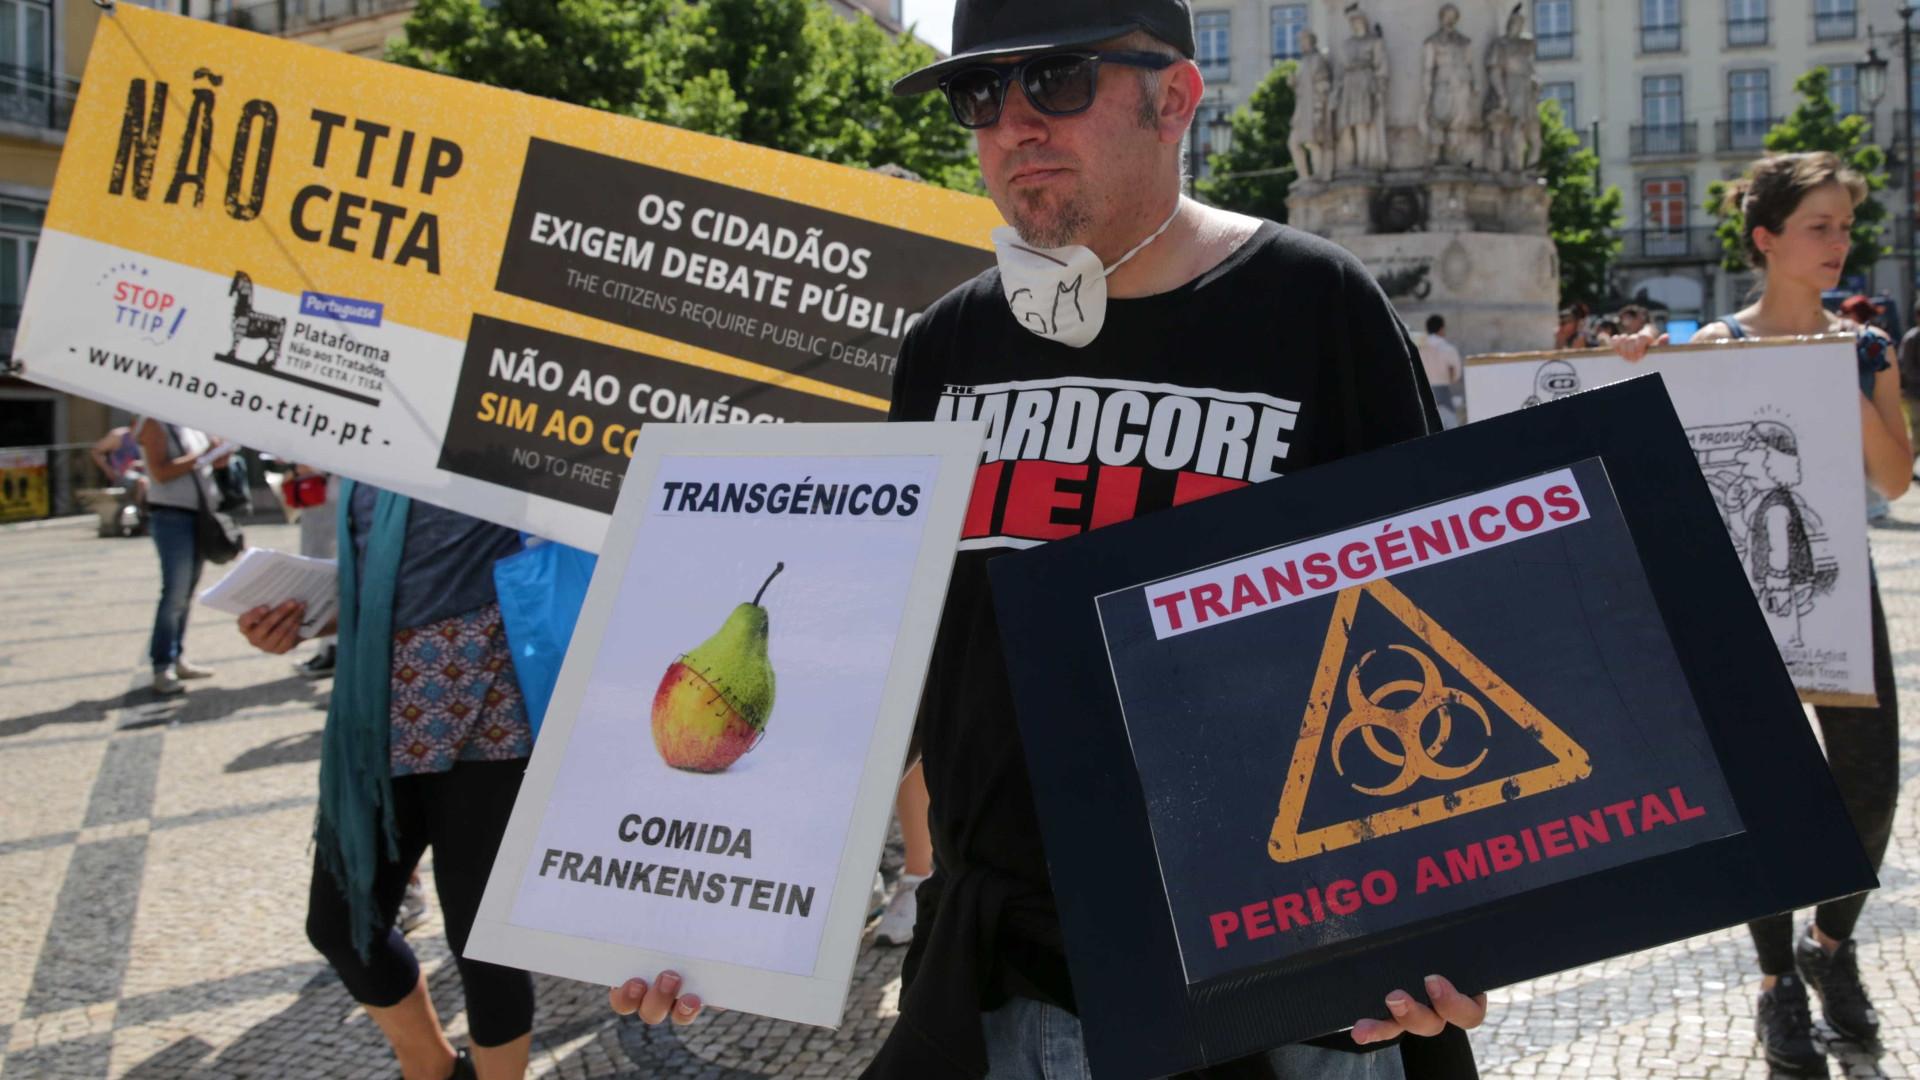 Protestos em Lisboa e Porto contra trangénicos da Monsanto